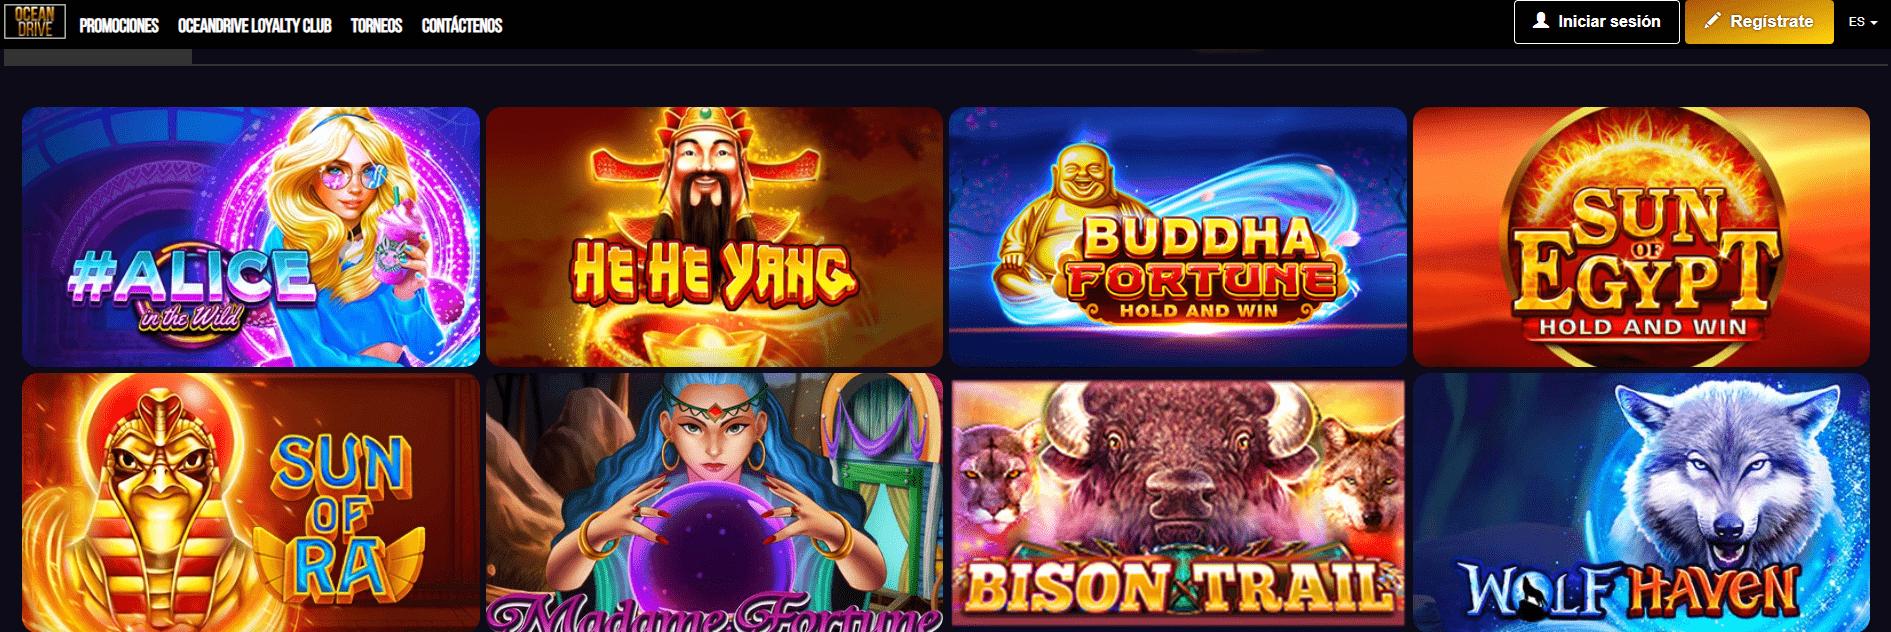 lista de juegos ocean drive casino